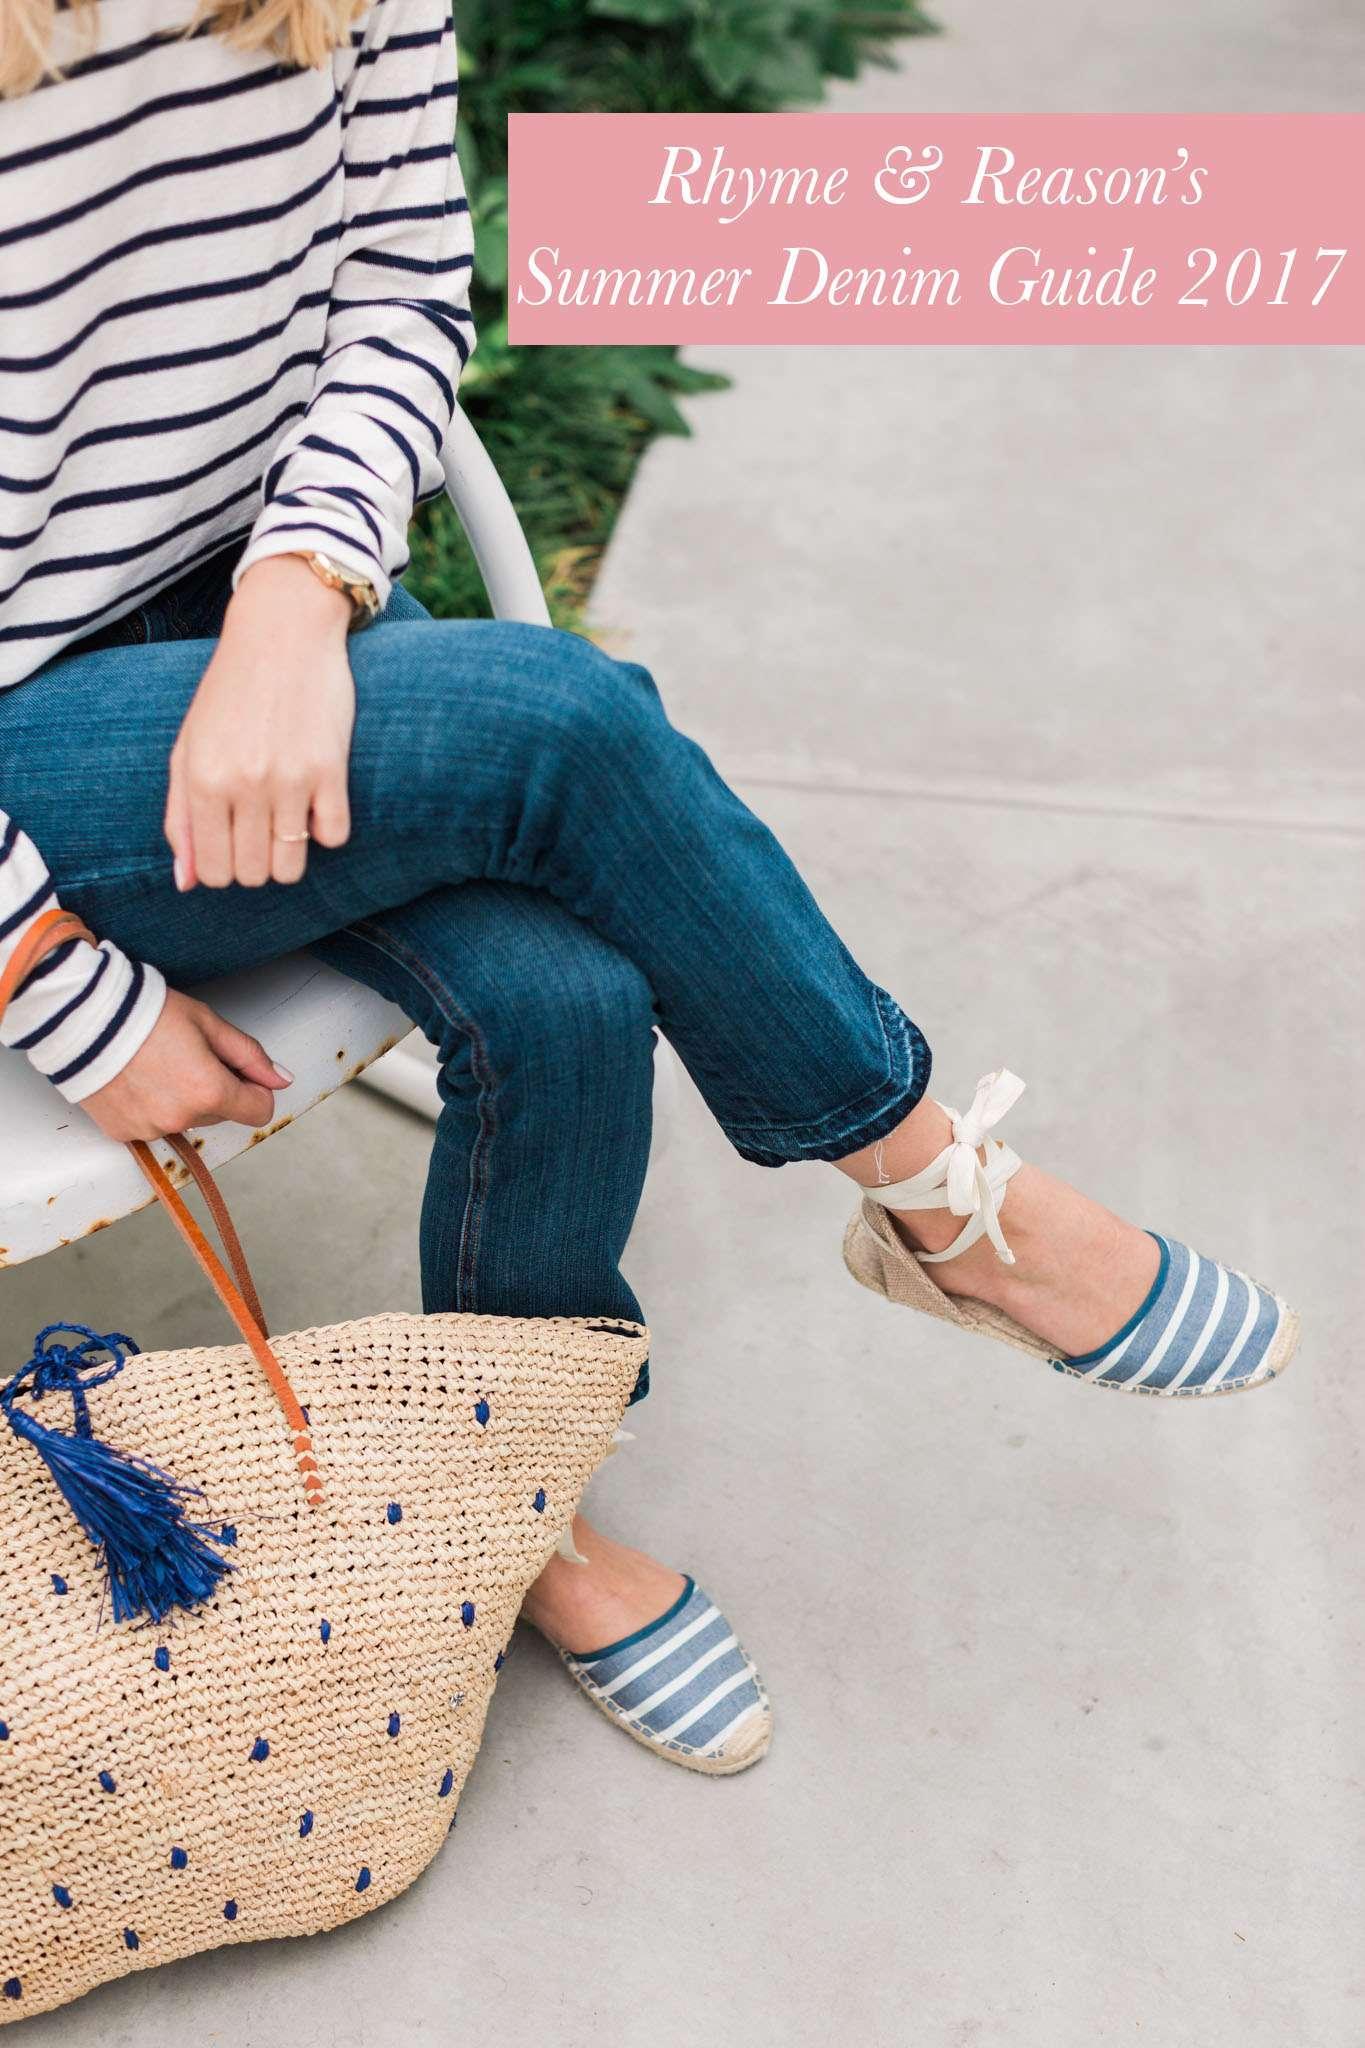 Blue Jeans Stripes Summer Denim Guide 2017